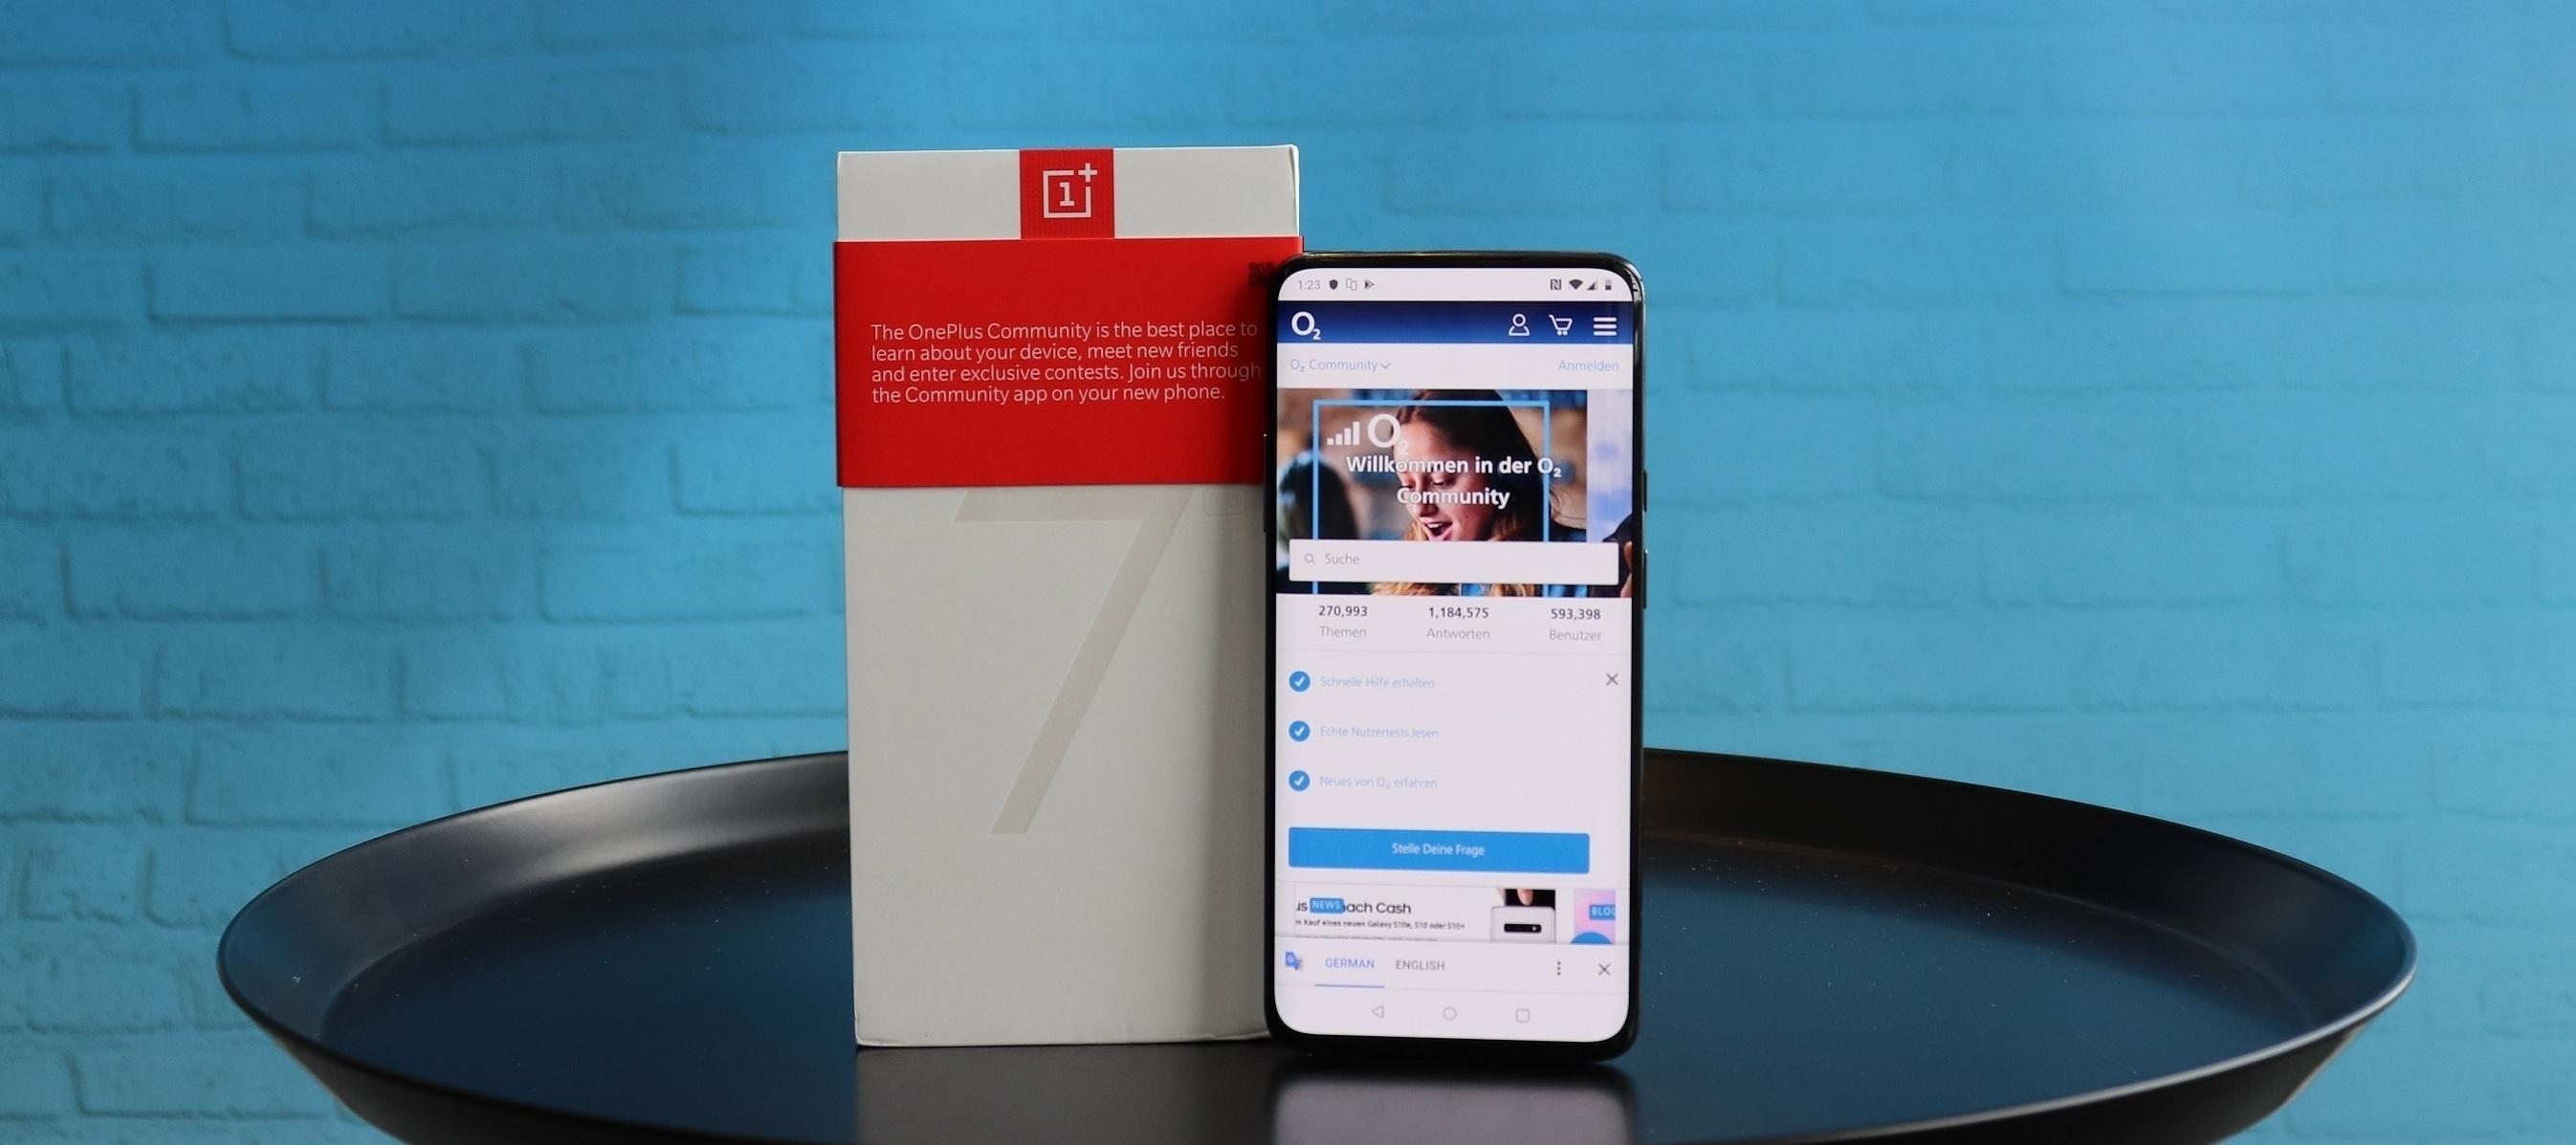 OnePlus mit Sternchen? Dein Produkttest wird es zeigen - jetzt bewerben!